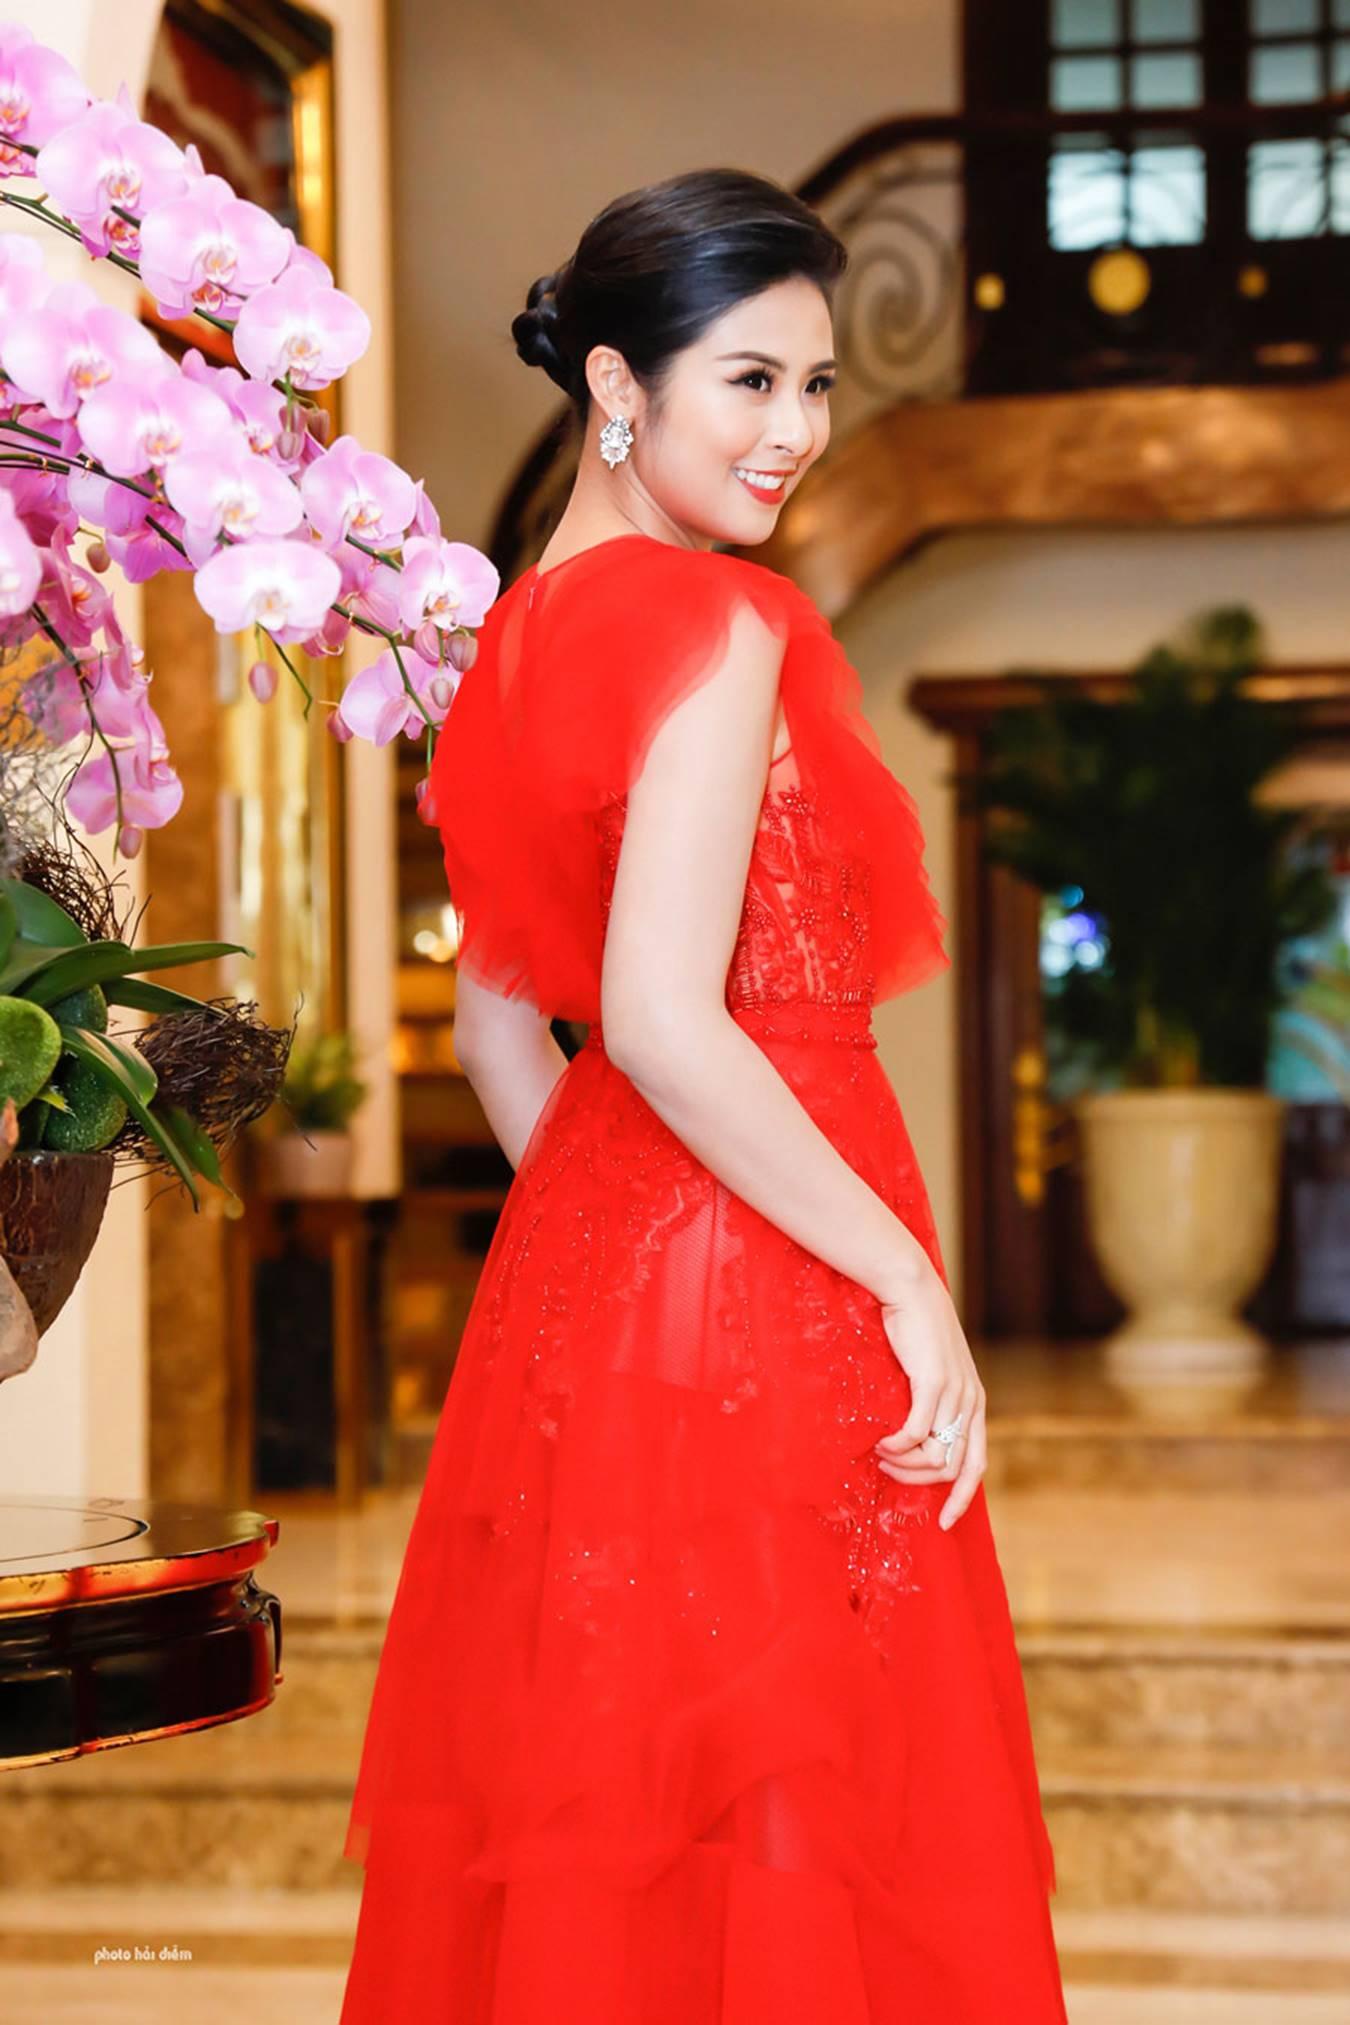 Hoa hậu Đỗ Mỹ Linh tái xuất gợi cảm sau khi trao lại vương miện-6